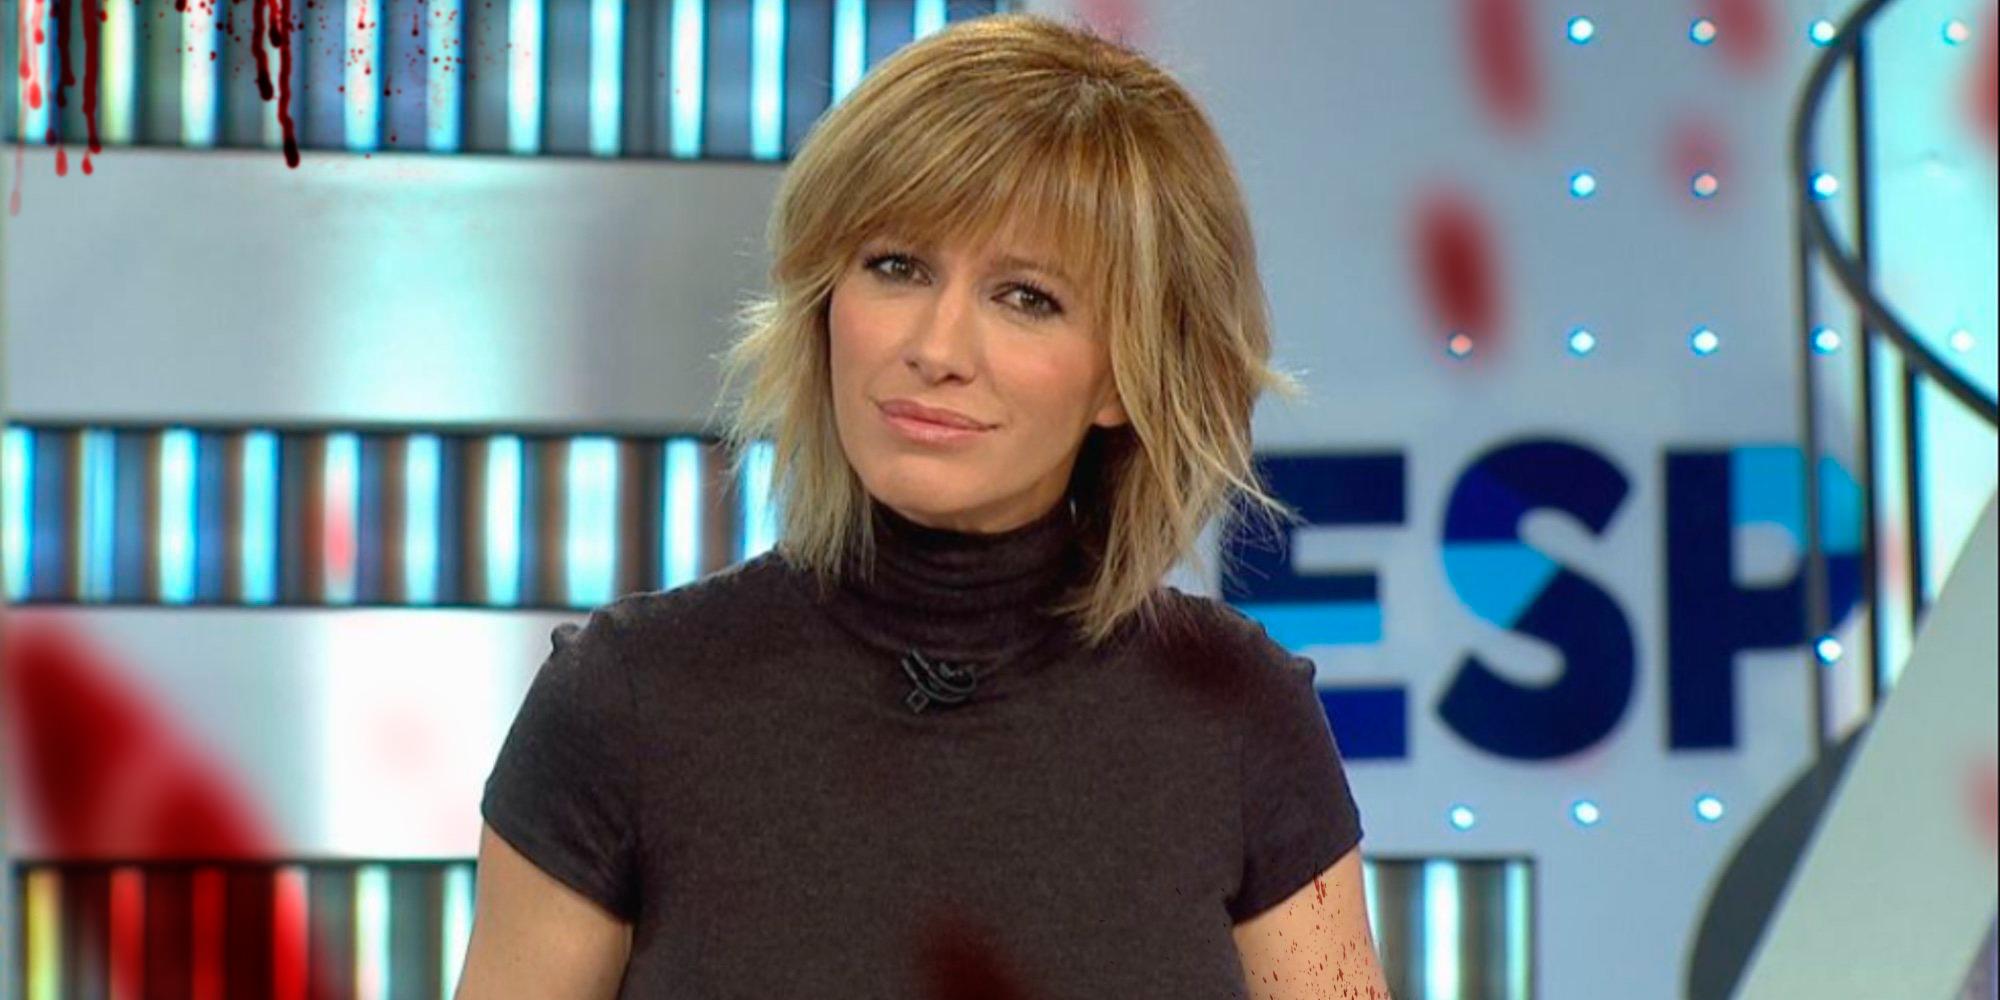 Audiencias: Susanna Griso cercena la cabeza de un catalán para desmentir que sea catalanista